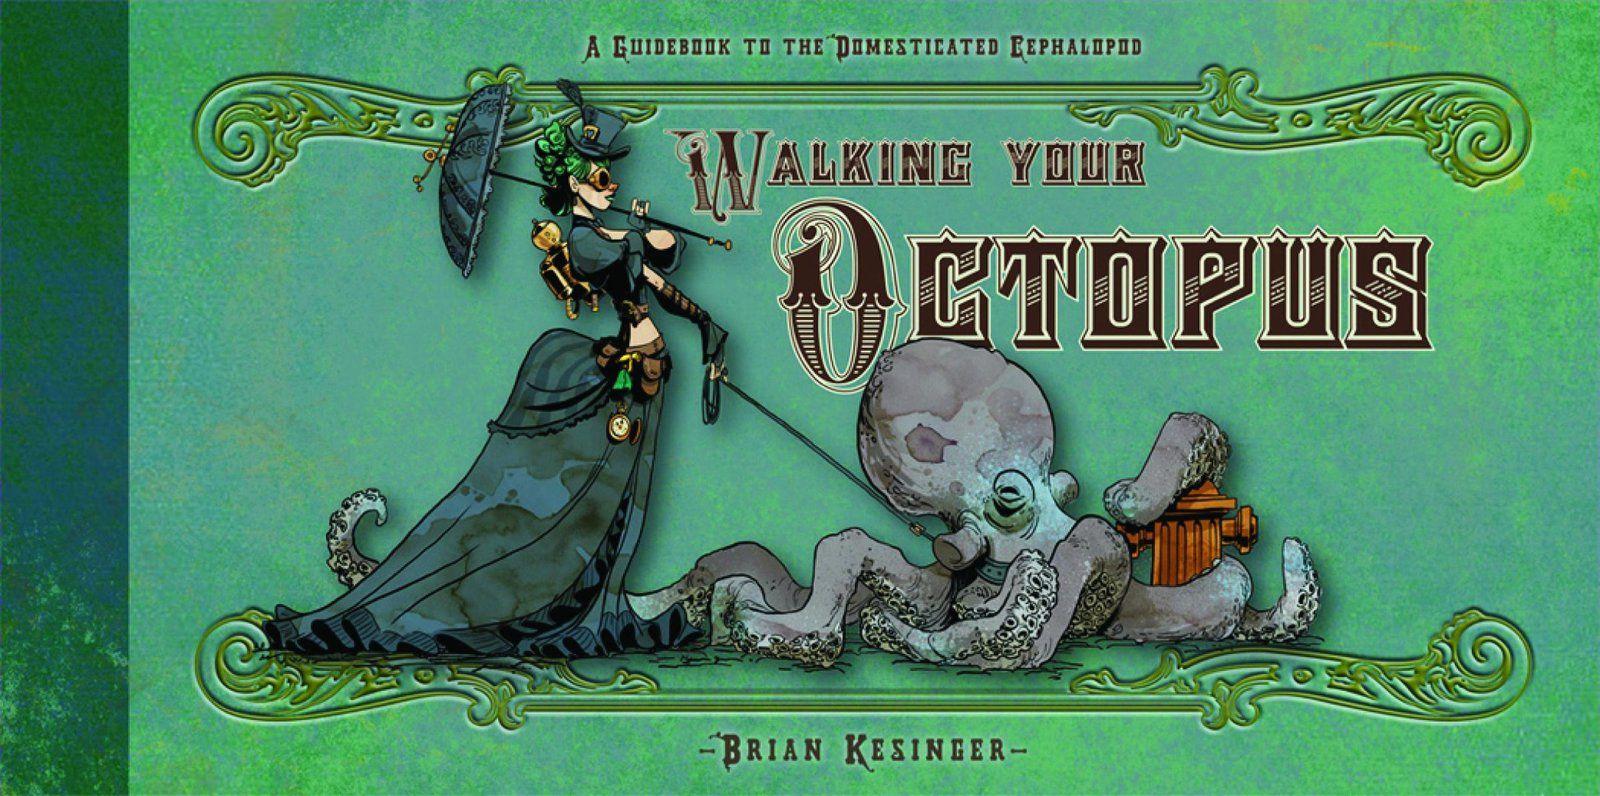 [Chronique] Walking your octopus, de Brian Kesinger